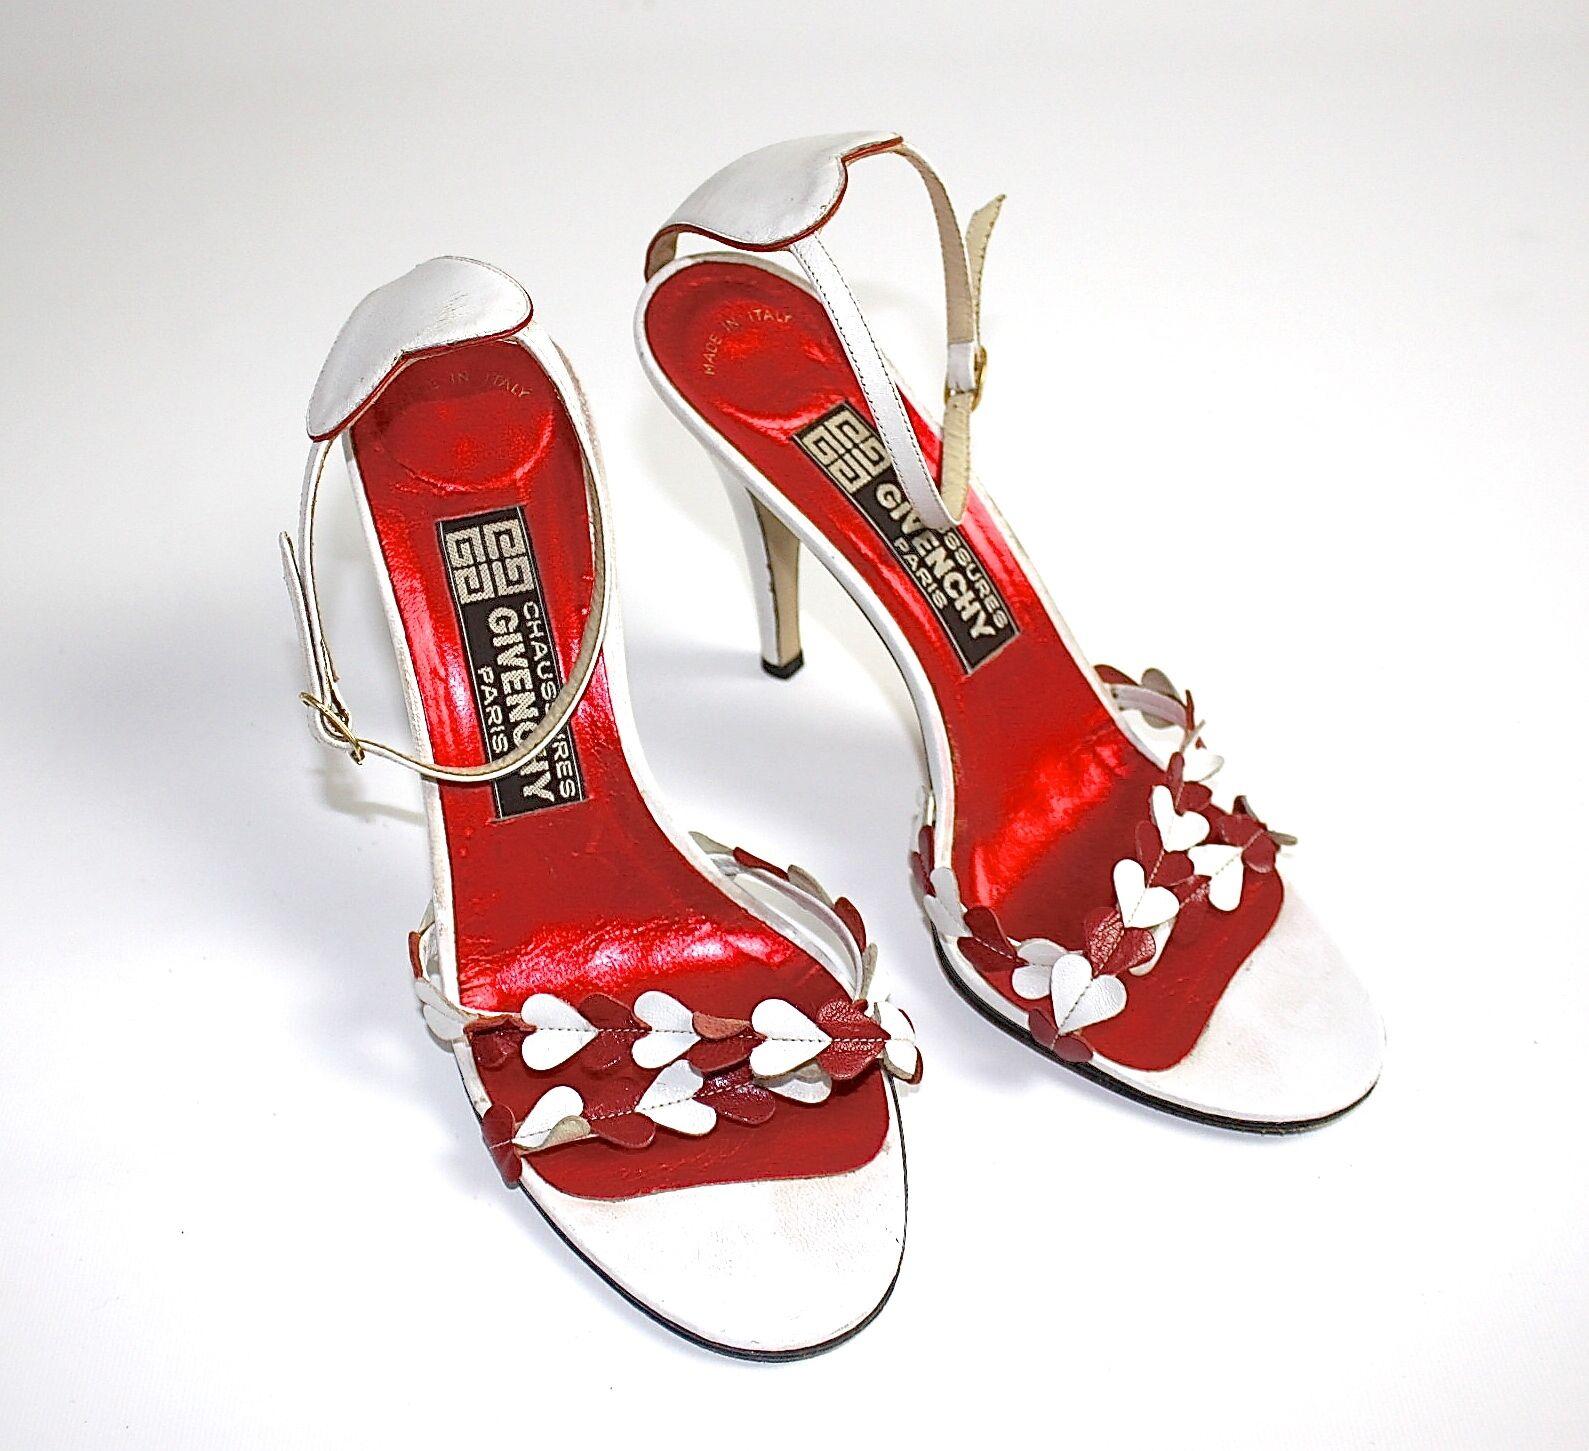 GIVENCHY  magique escarpins bride Escarpins US 7 1 2 D 38,5 M rouge blanc super